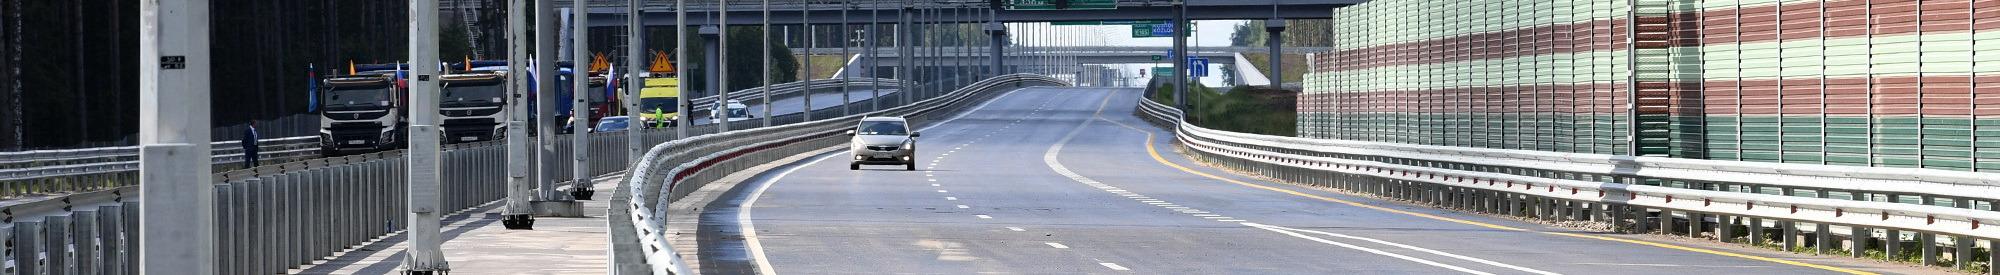 Металлическое дорожное ограждение, мостовое огражление 11ДО, 11ДД, 11МО, 11МД,